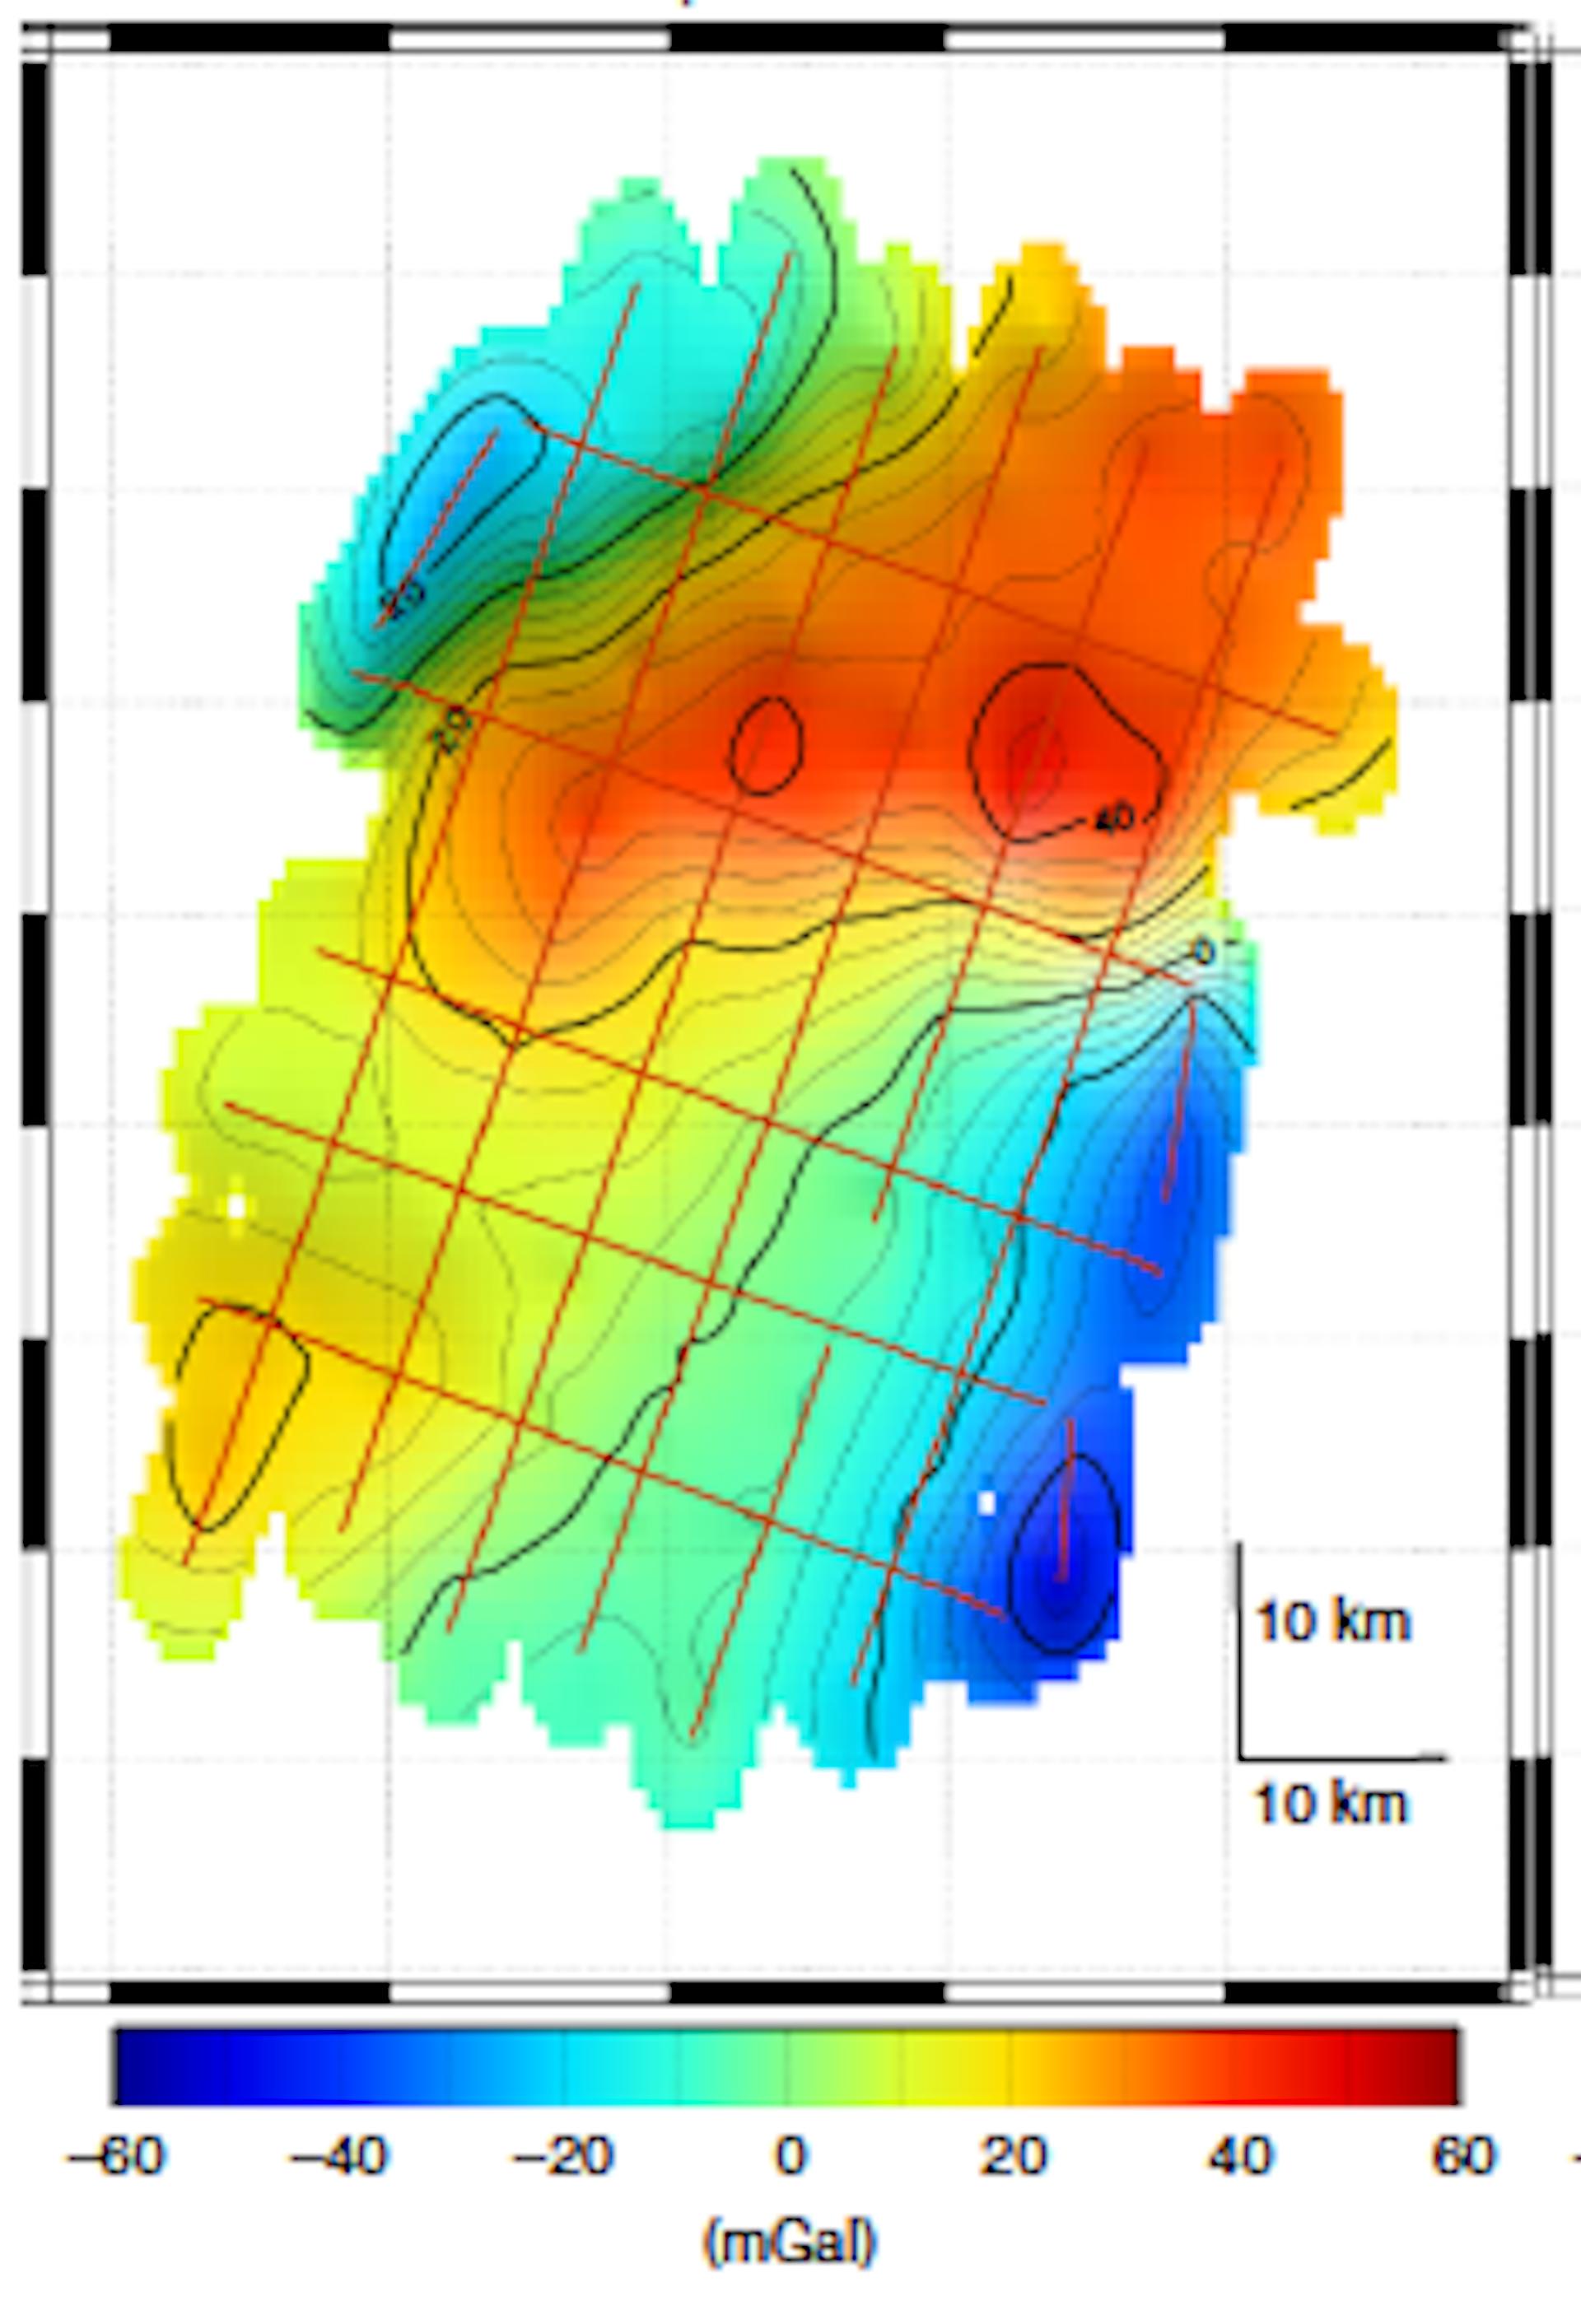 Carte de pesanteur dans la zone de Meriadzec (Atlantique Nord). Les lignes rouges correspondent à la trajectoire du BHO. 1mGal=0,000 001 g. Malo Cadoret, Author provided